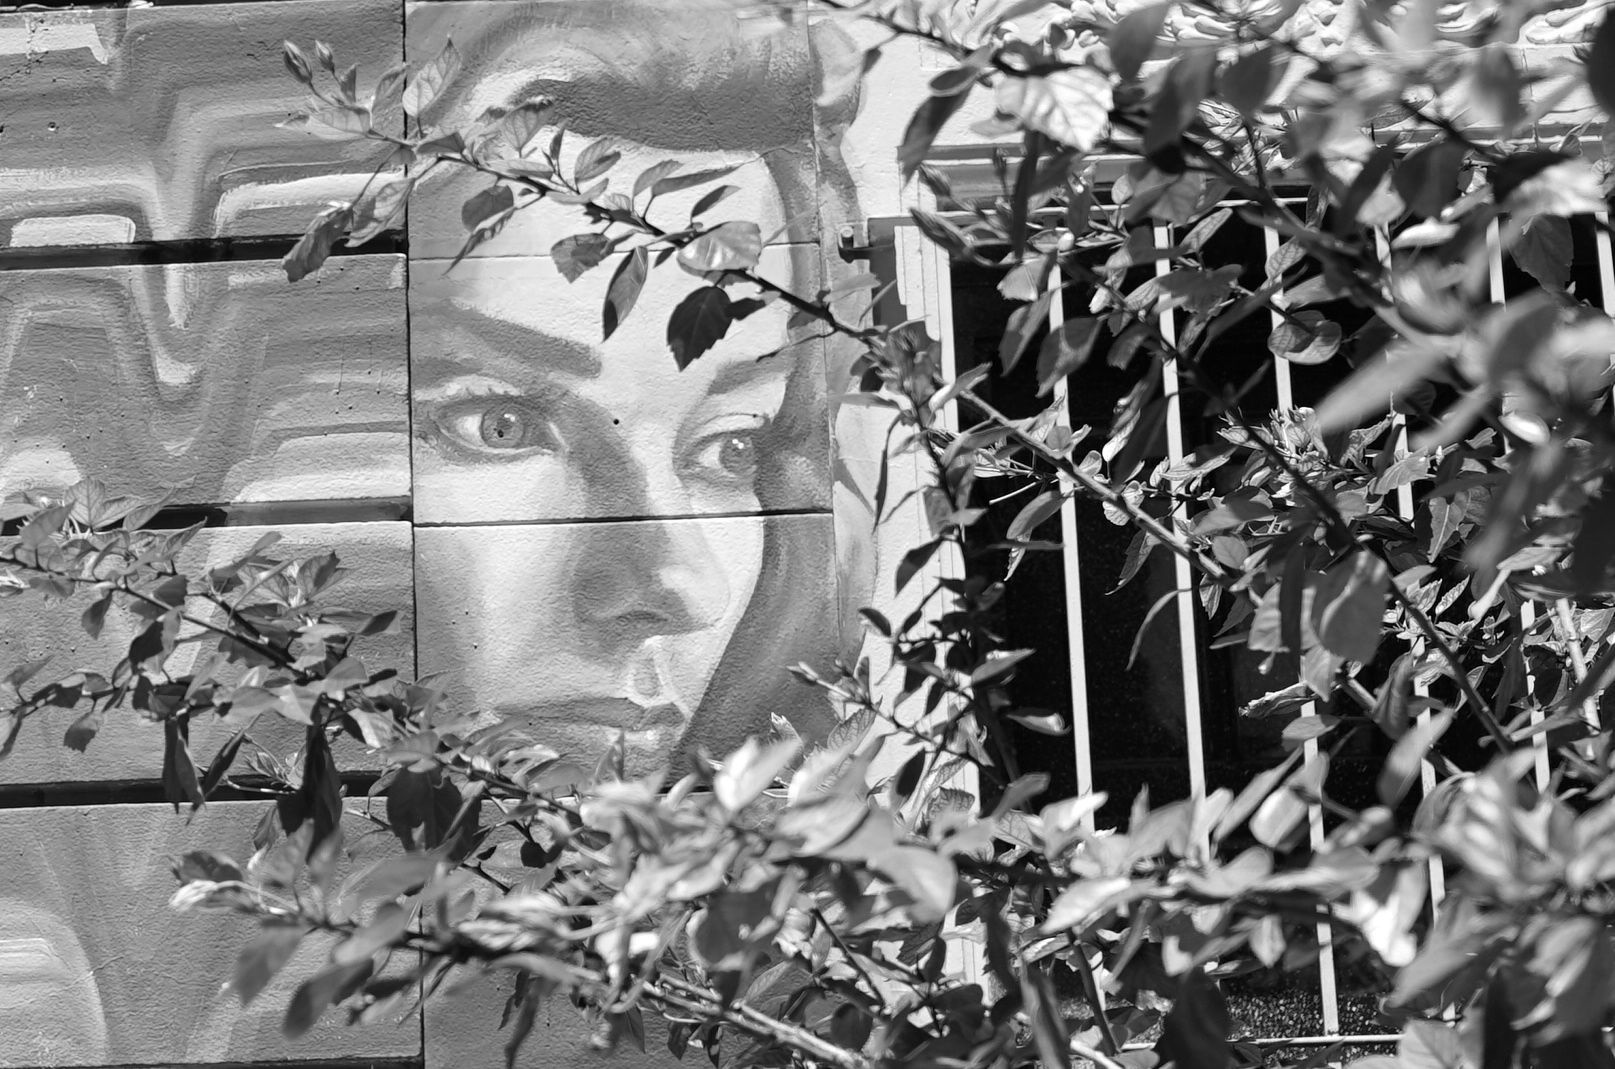 La pintada, Palermo (26.01.17)